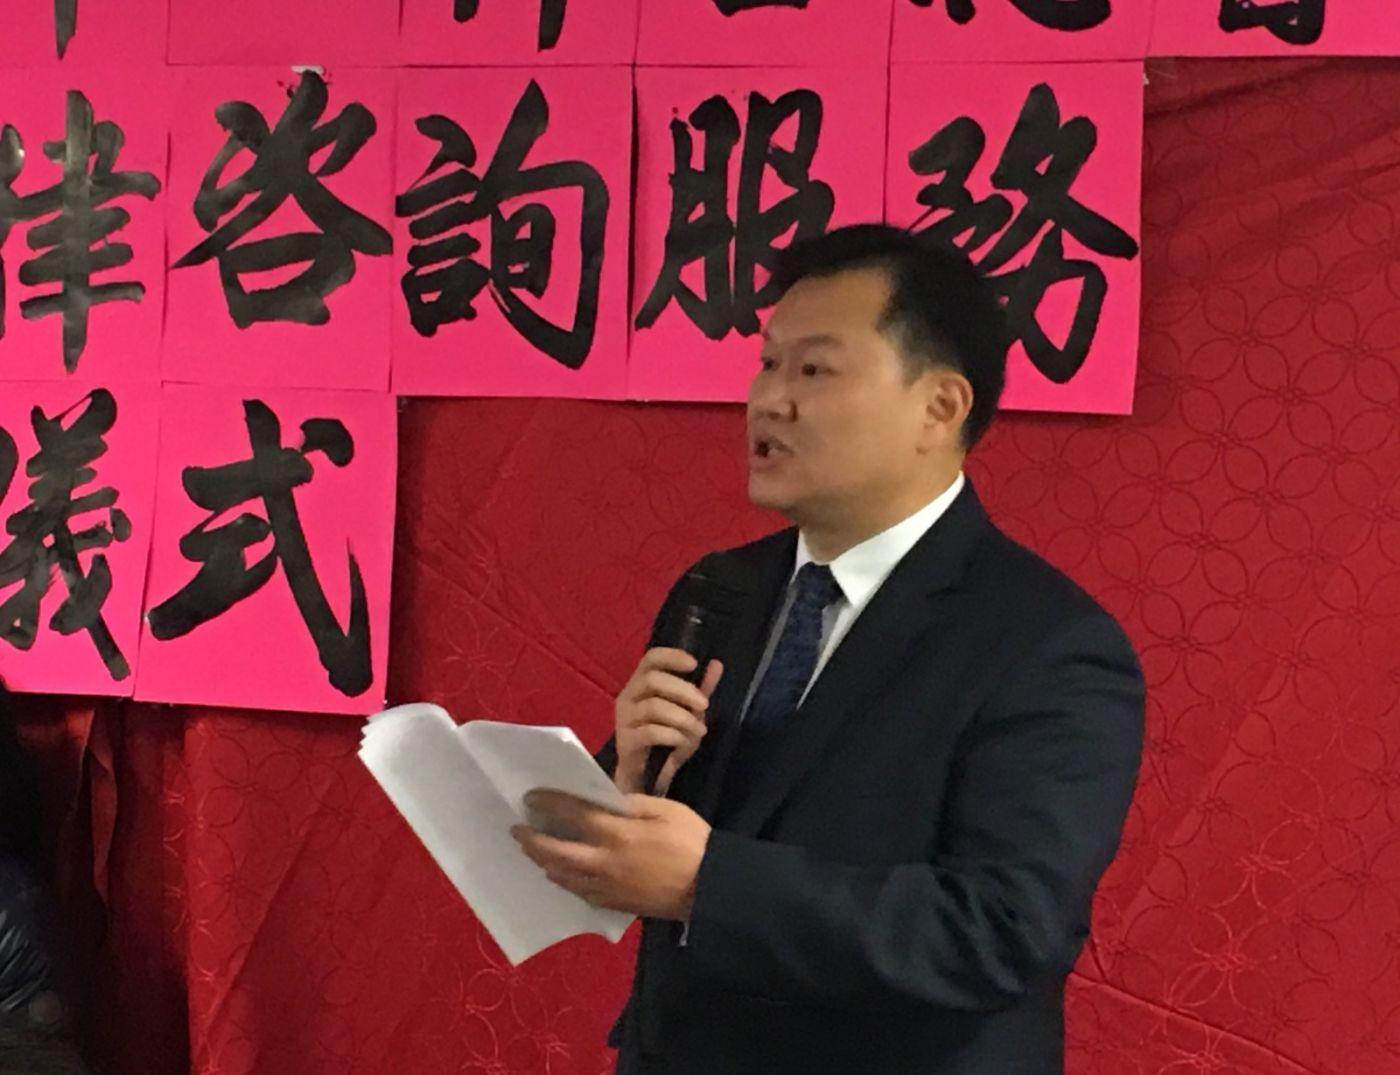 美国福建华人联合会欢迎福州市侨联主席蓝桂兰访美代表团一行 ... ..._图1-12